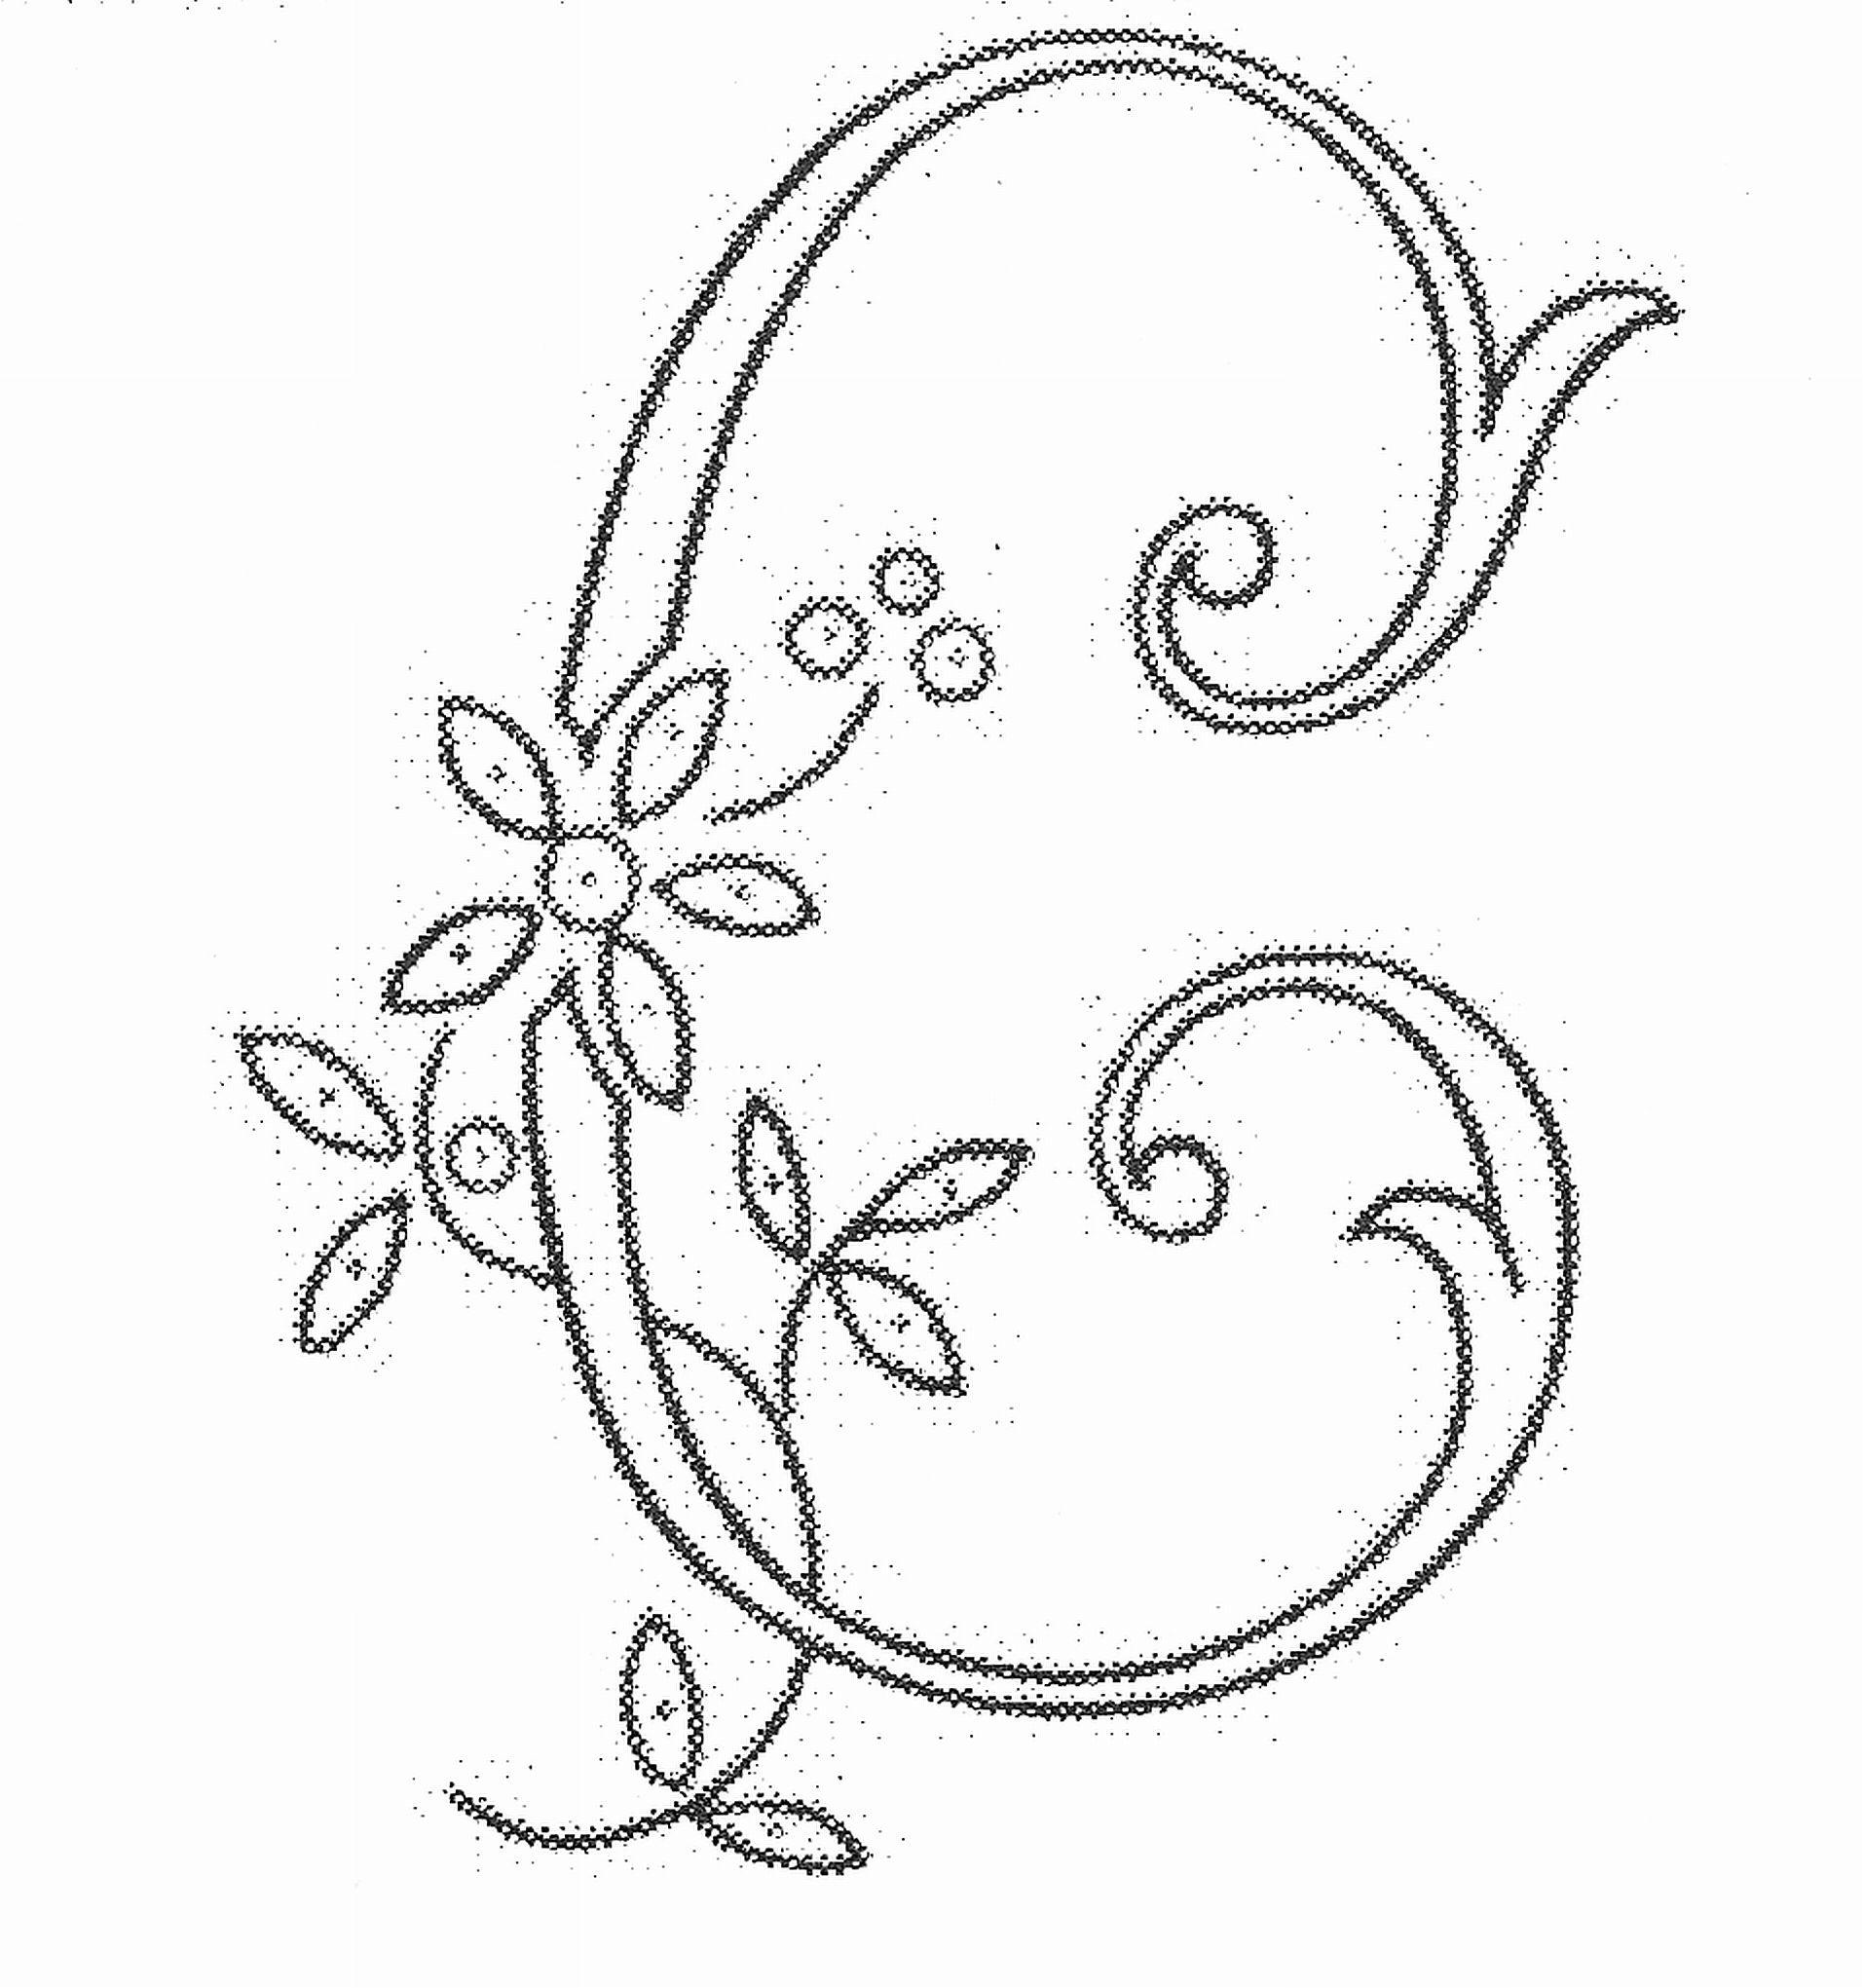 Letter C Monogram Wallpaper - WallpaperSafari